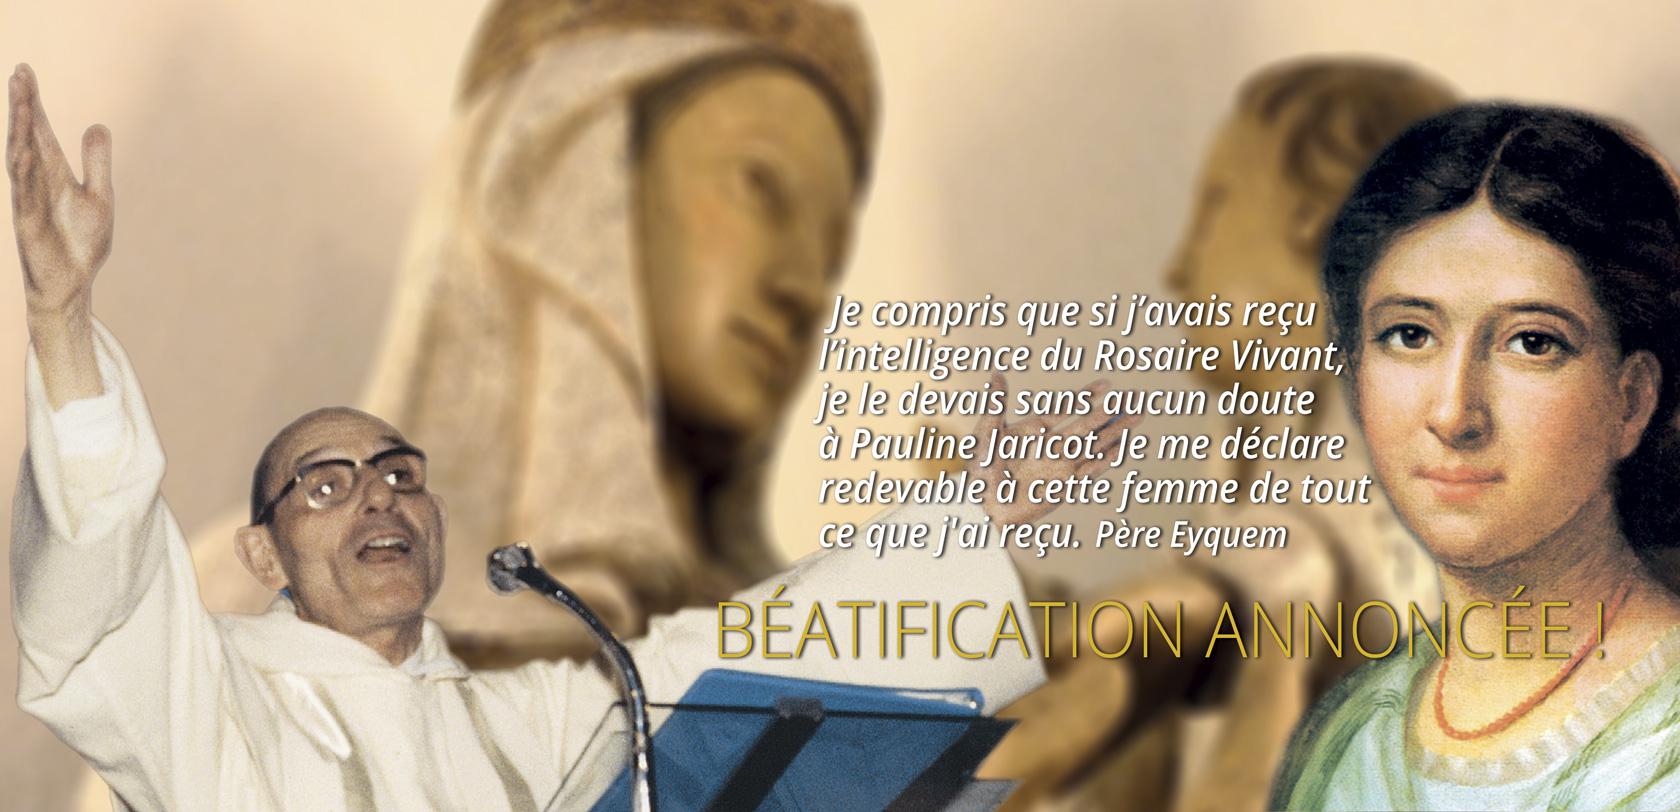 PAULINE JARICOT, FONDATRICE DU <em>ROSAIRE VIVANT</em>, BÉATIFIÉE !